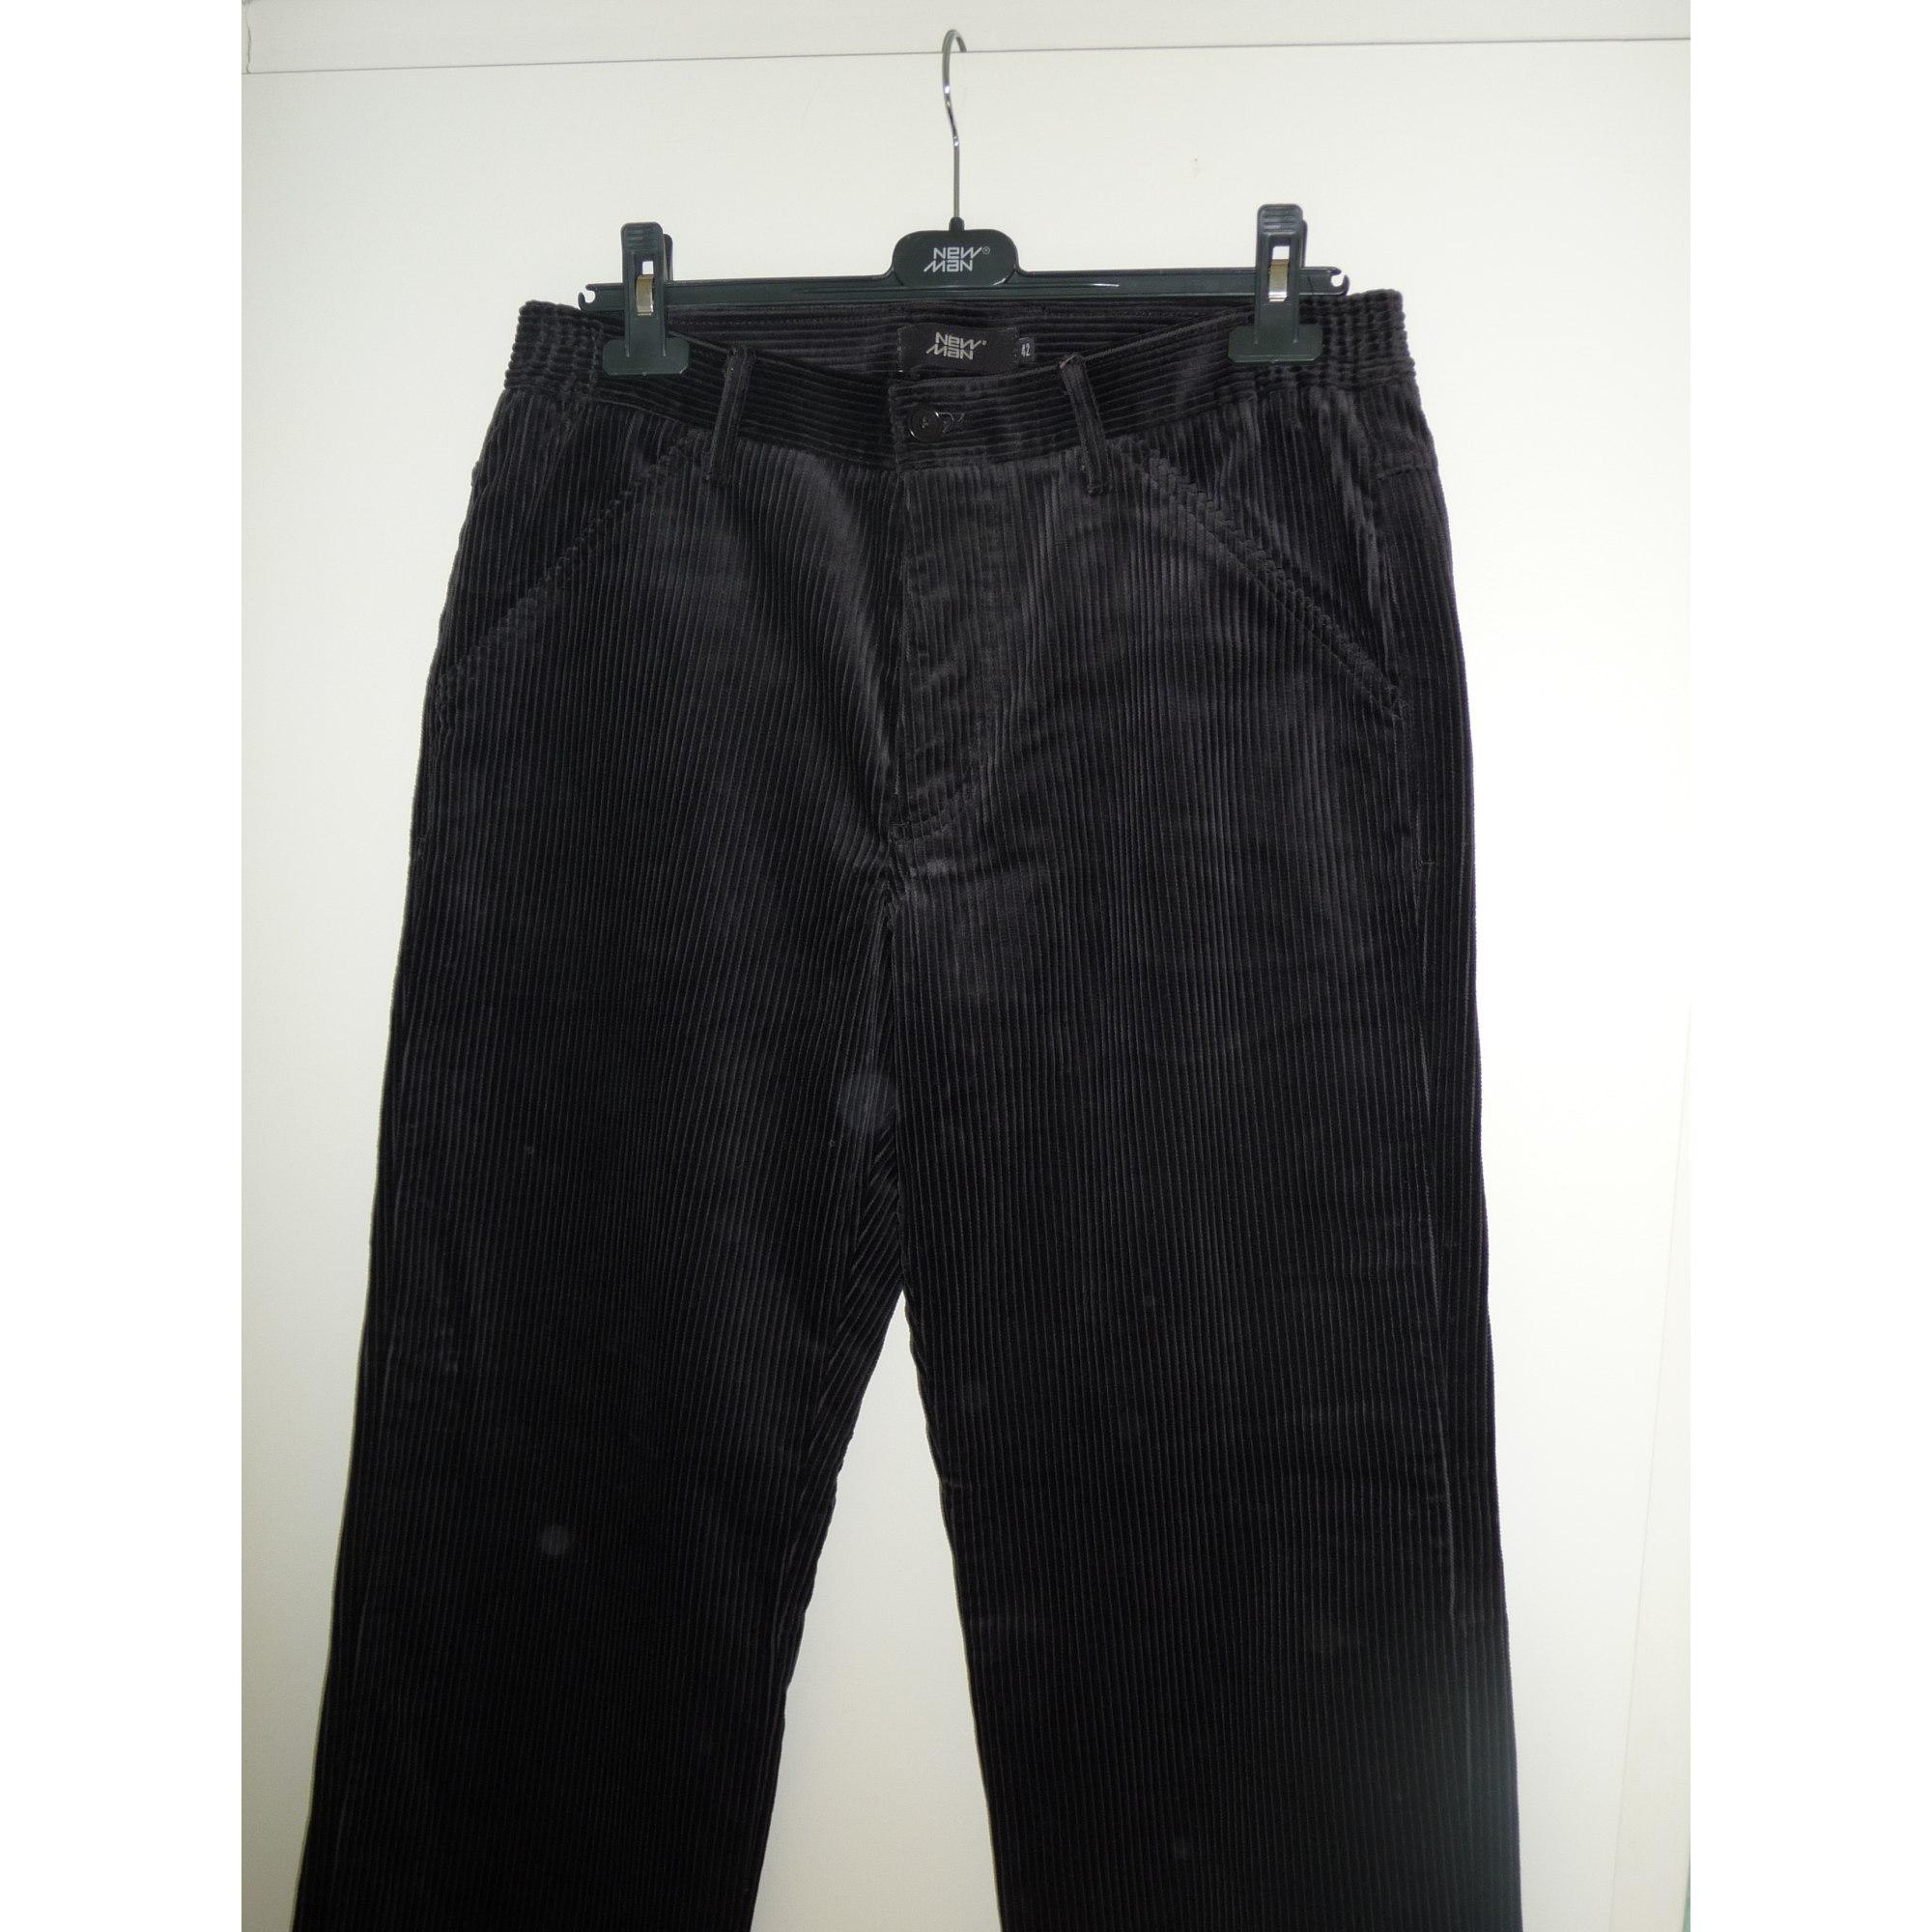 Pantalon droit NEW MAN Noir